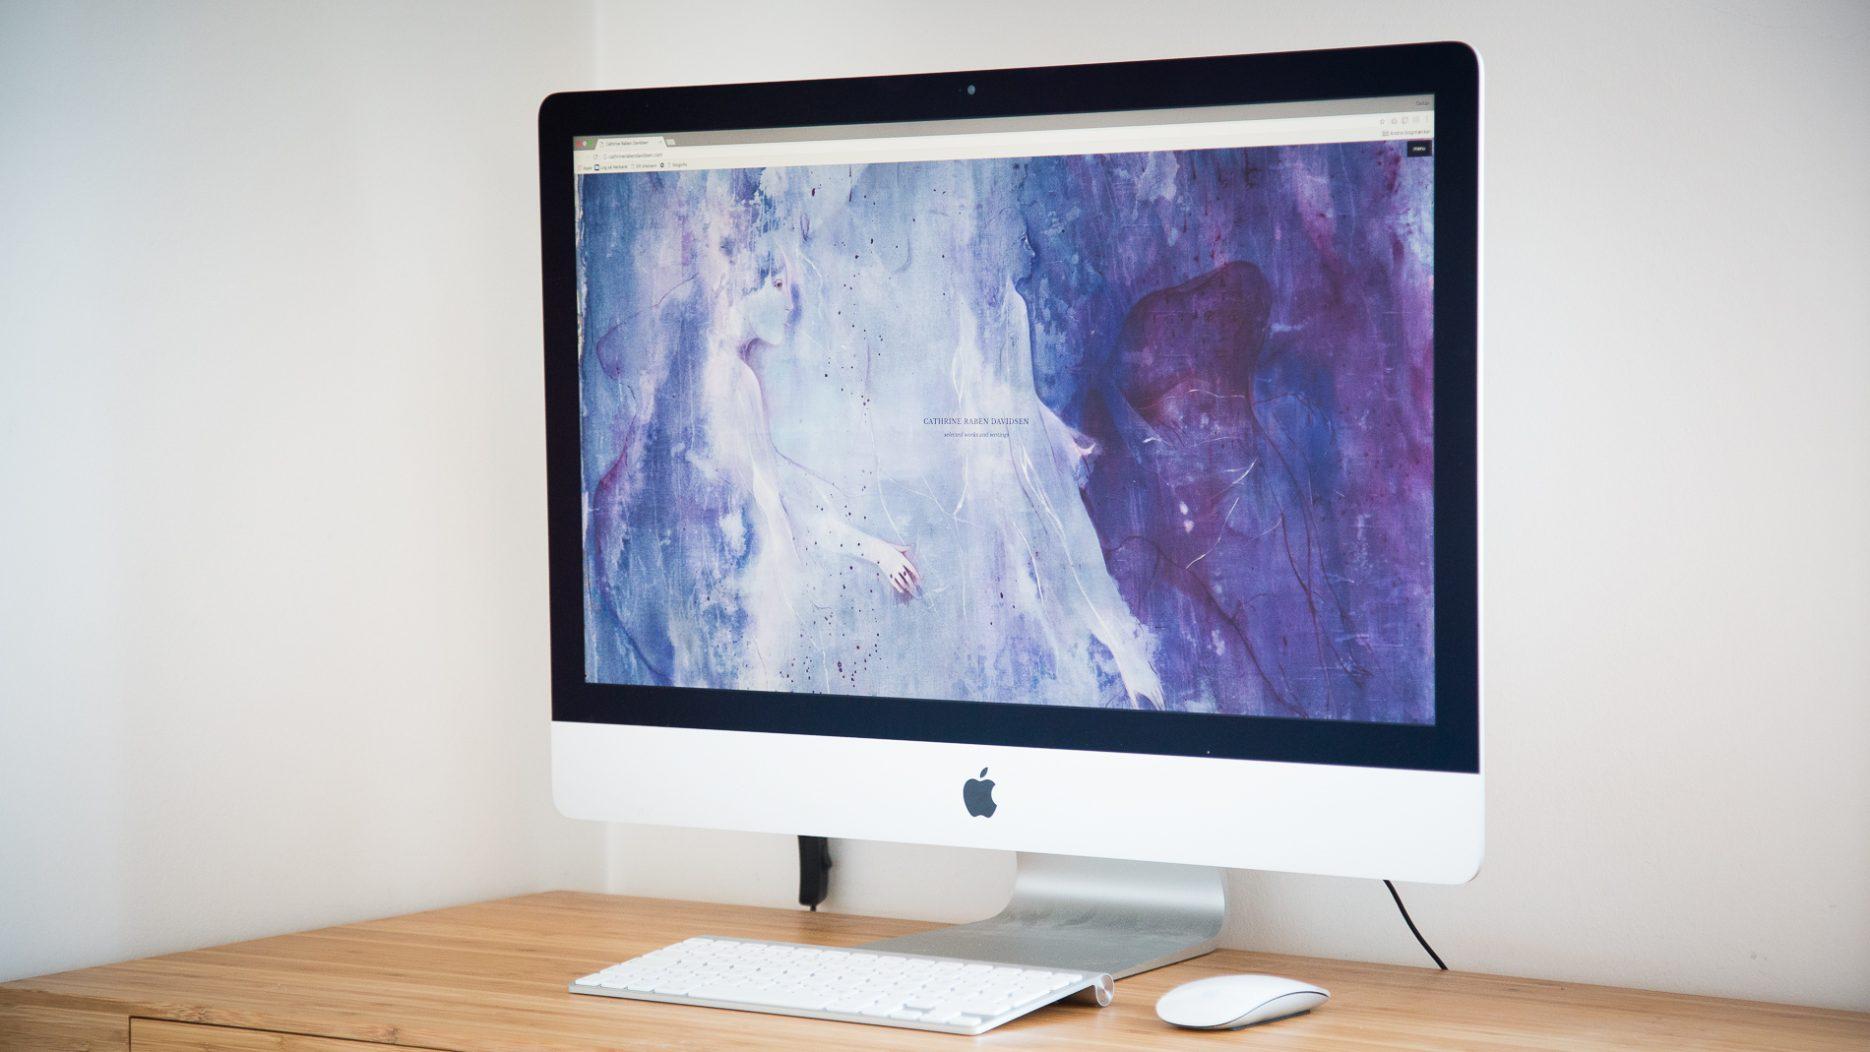 cathrinerabendavidsen.com website redesign